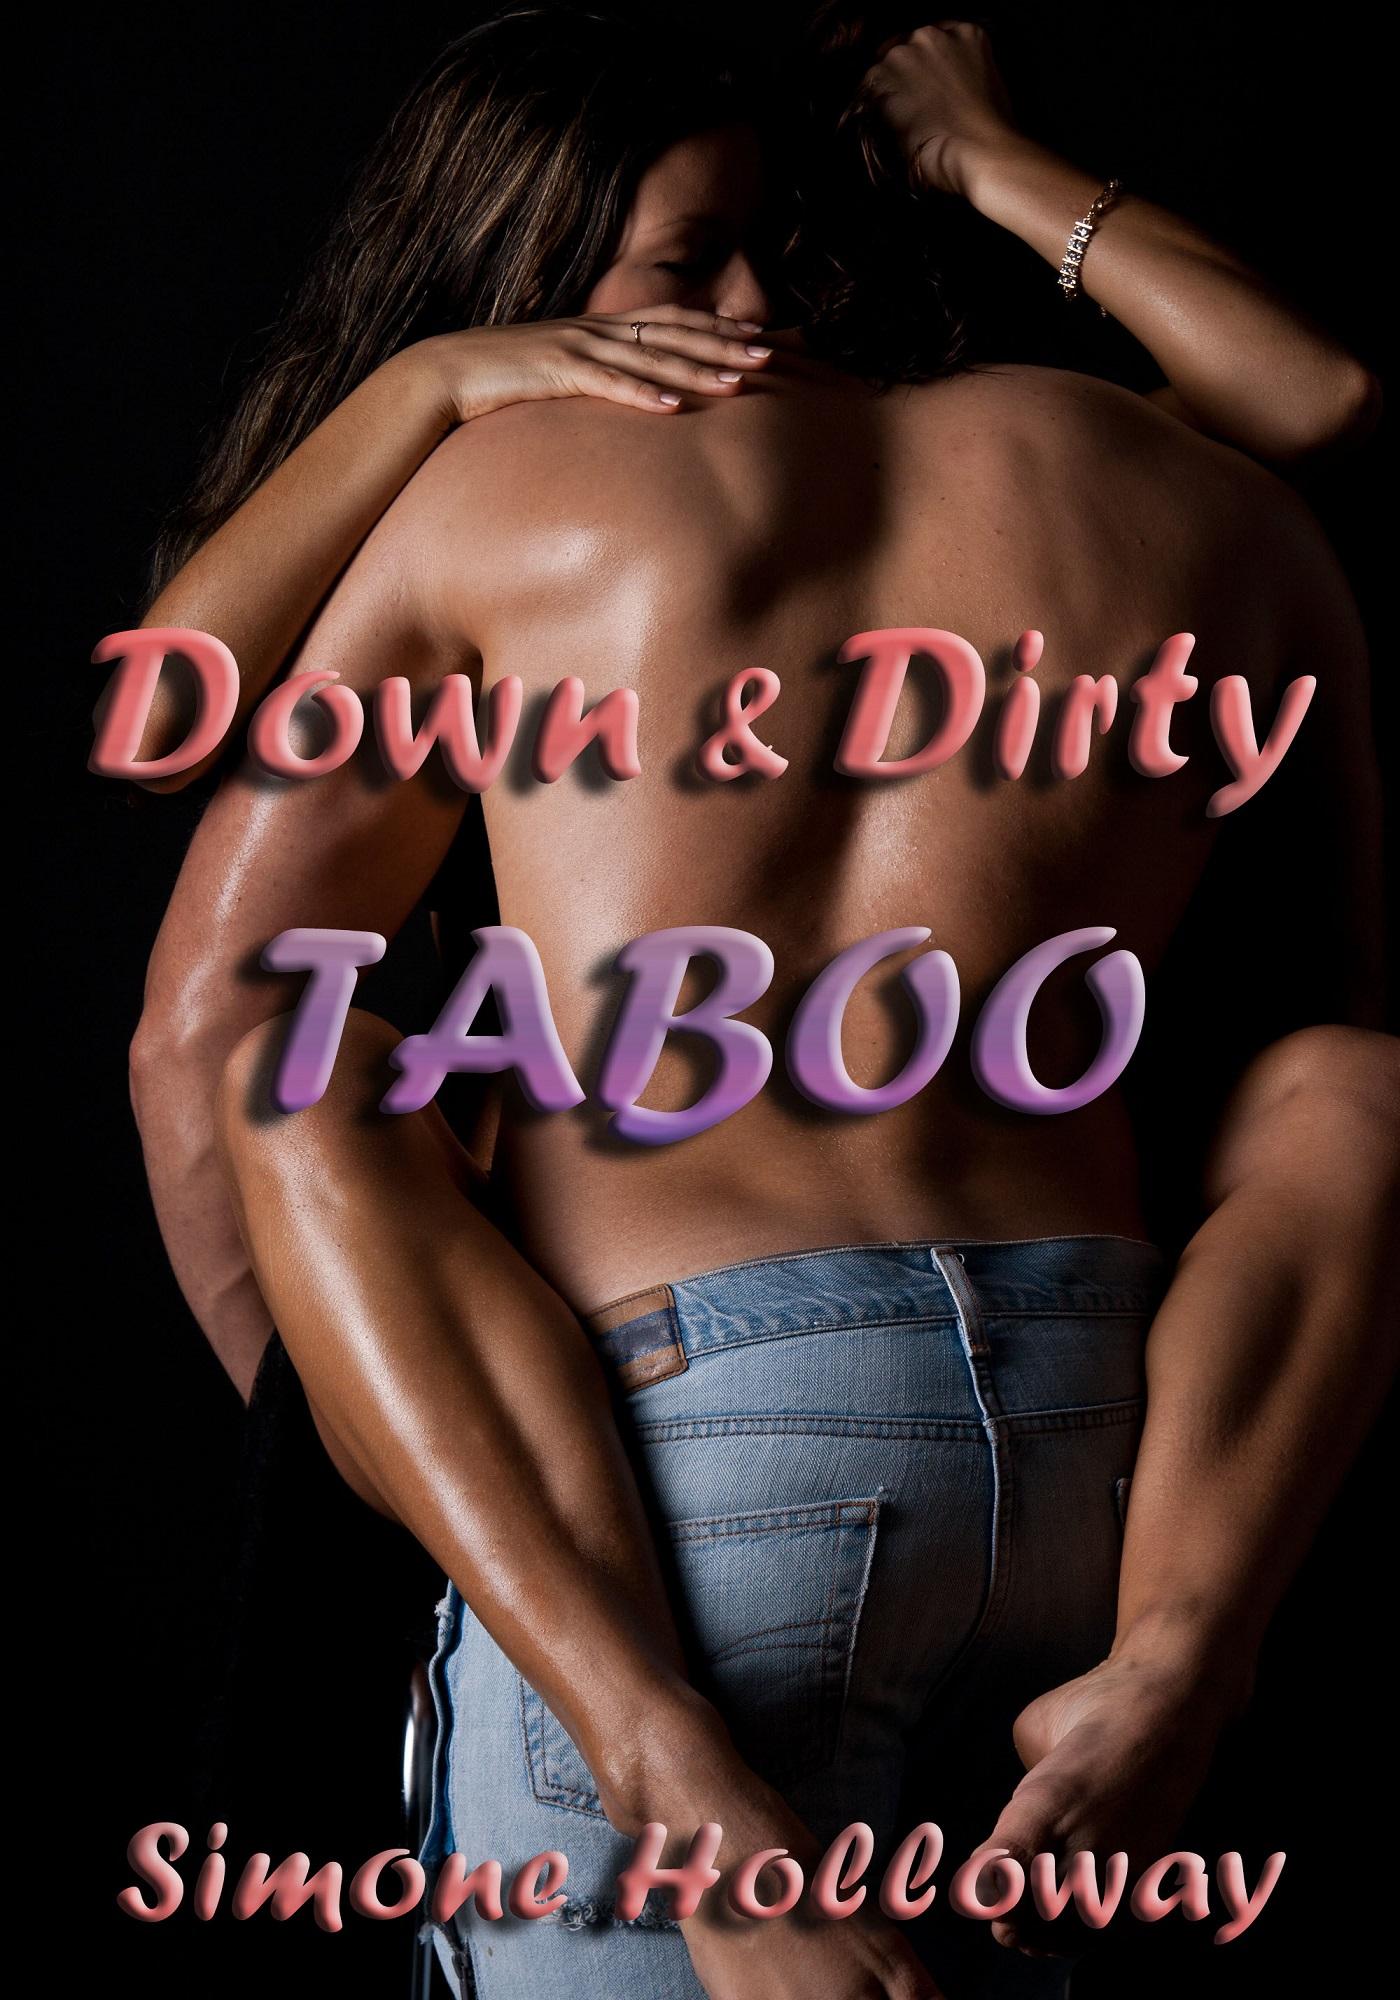 Down & dirty taboo 2 (forbidden erotica)